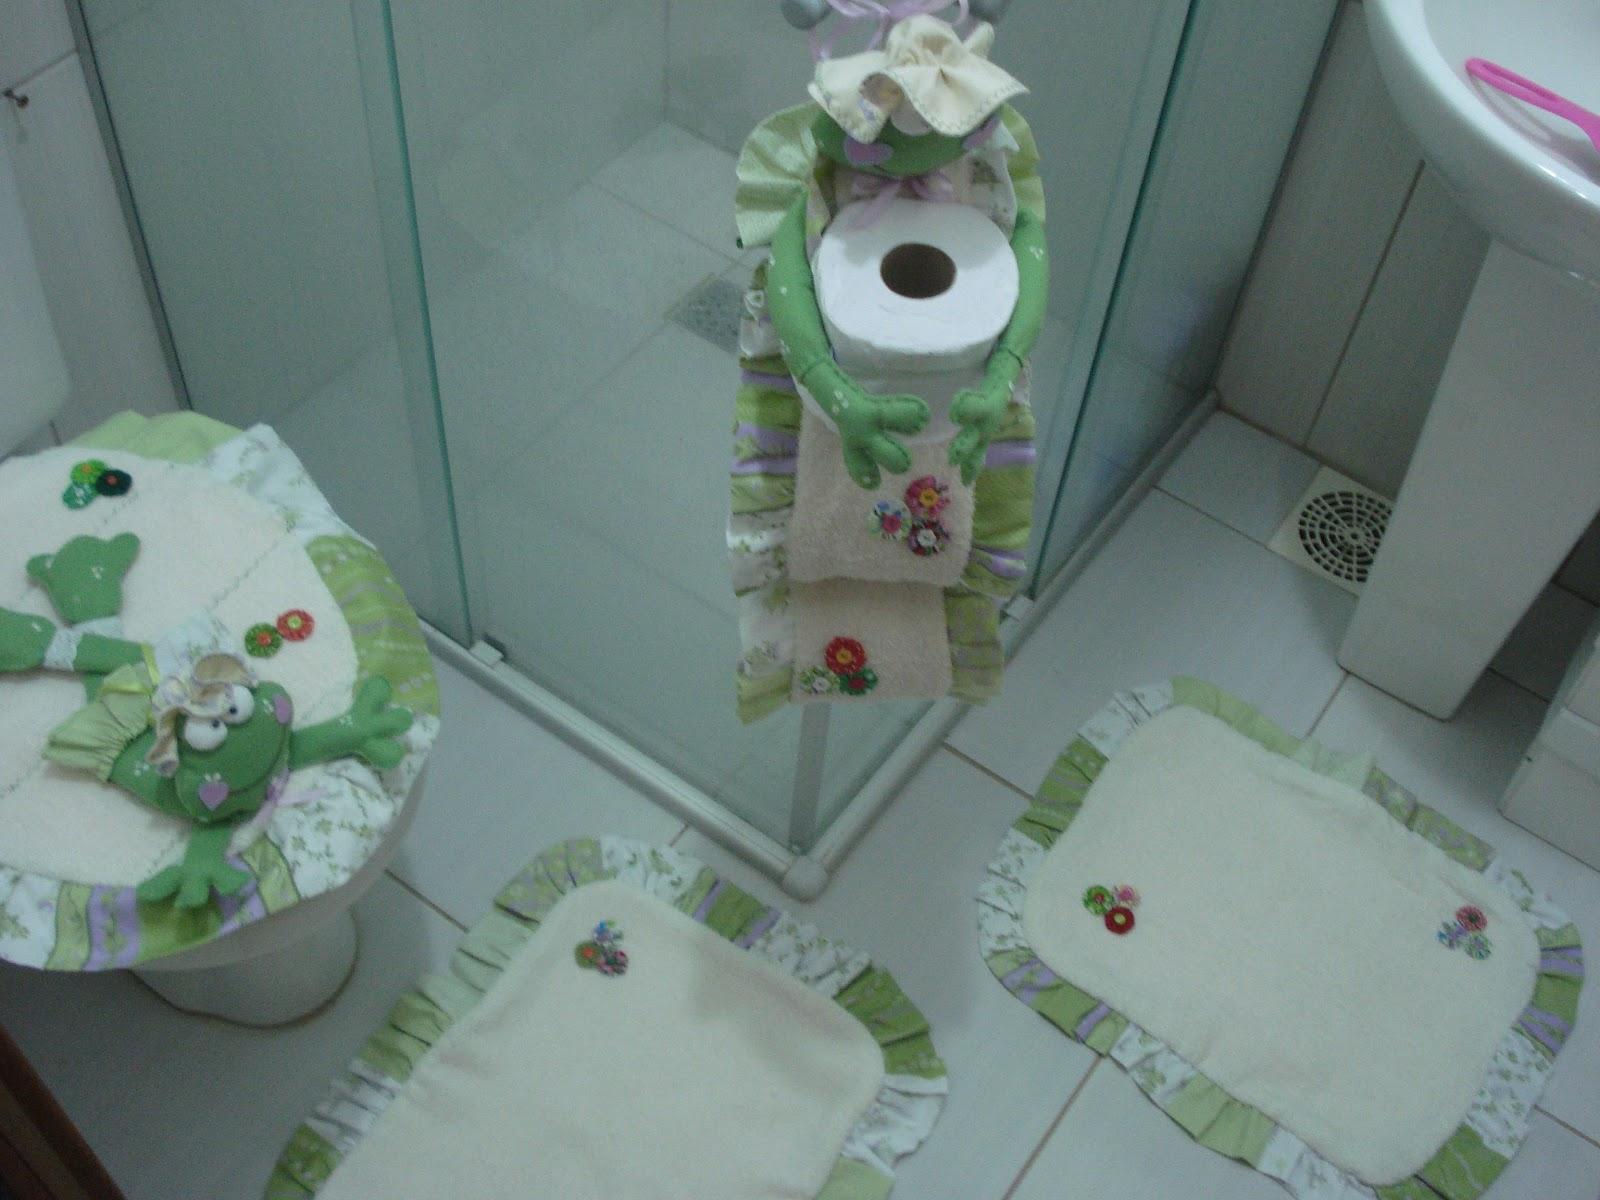 #643D39 GIRASSOL E CIA : CONJUNTO DE BANHEIRO SAPINHA 1600x1200 px Banheiro Decorado Com Tecido 3563